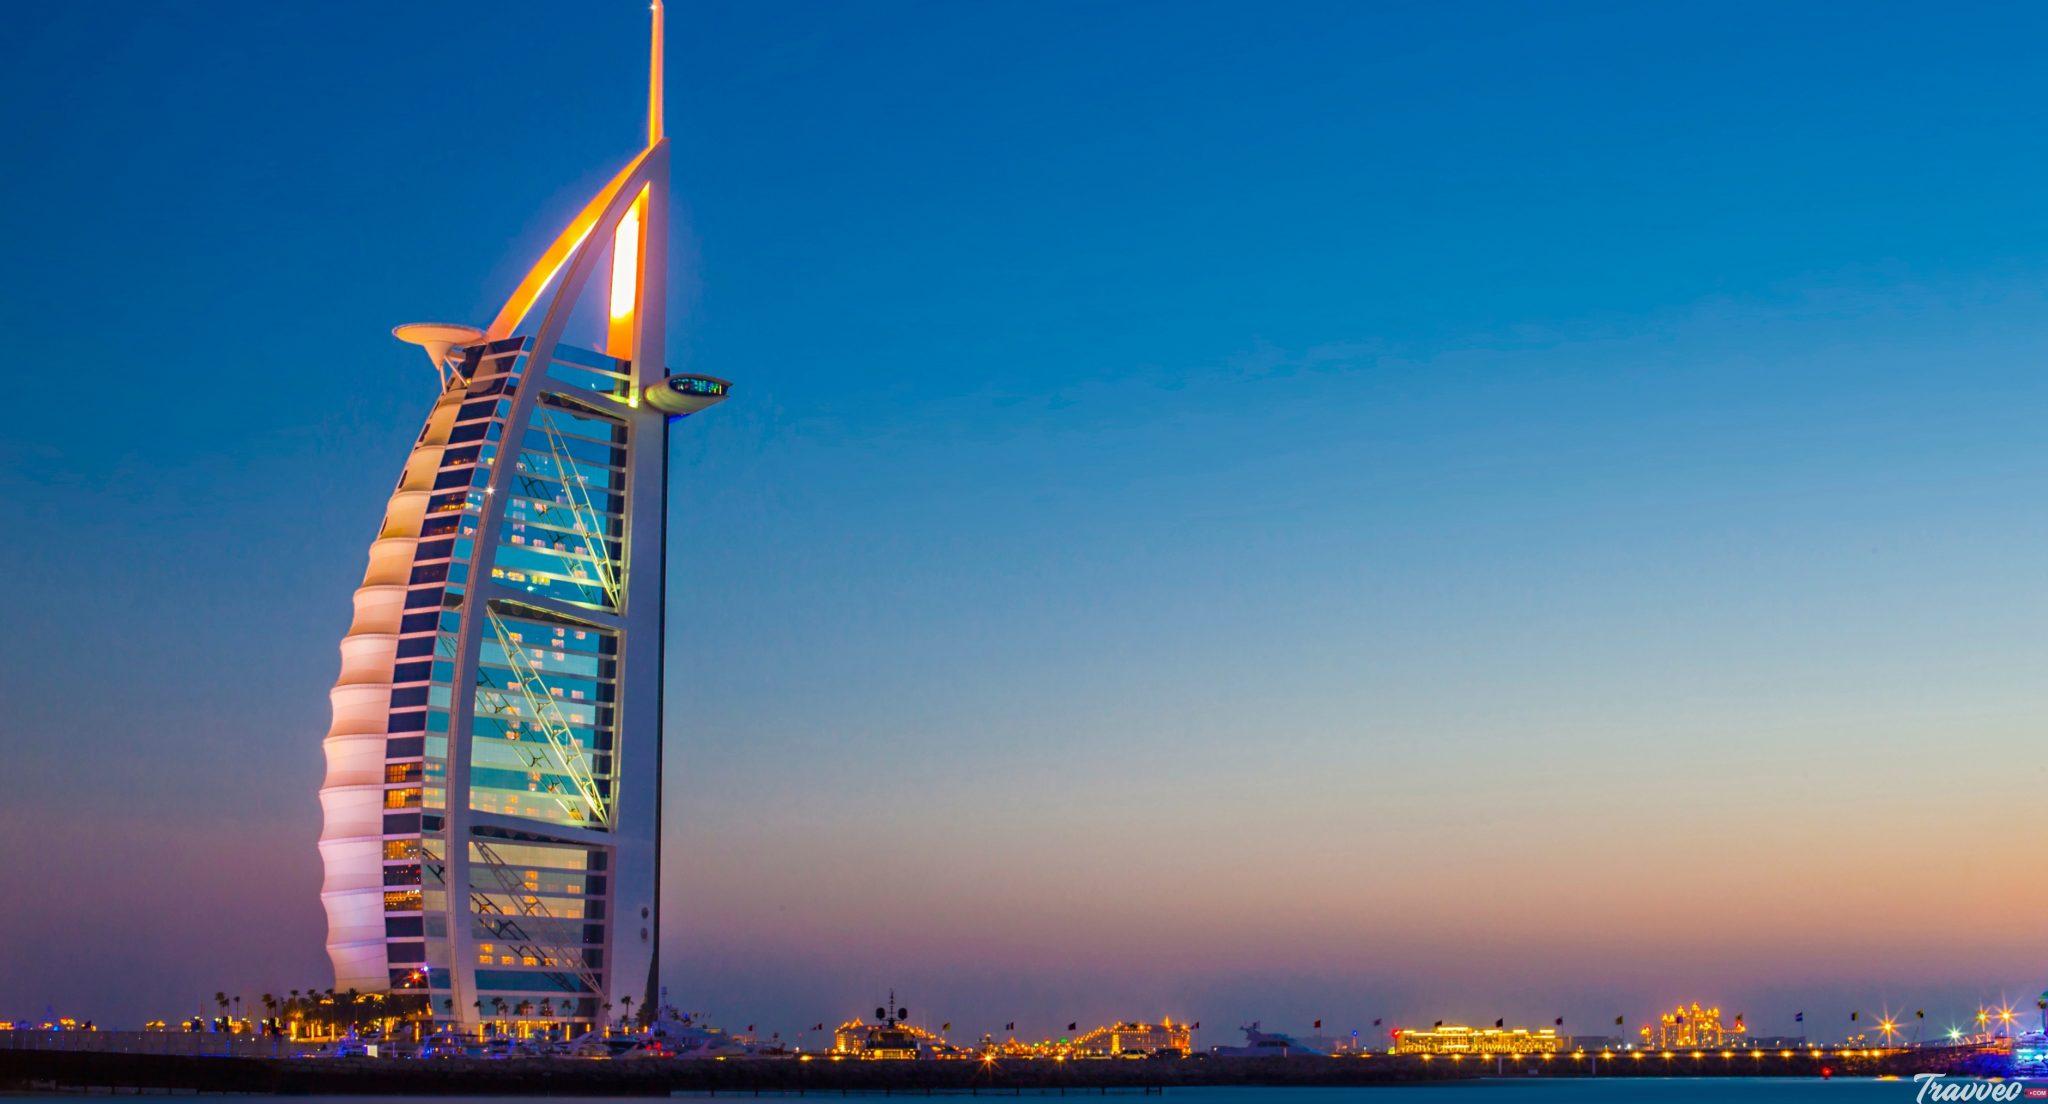 أهمية السياحة في دولة الإمارات العربية المتحدة